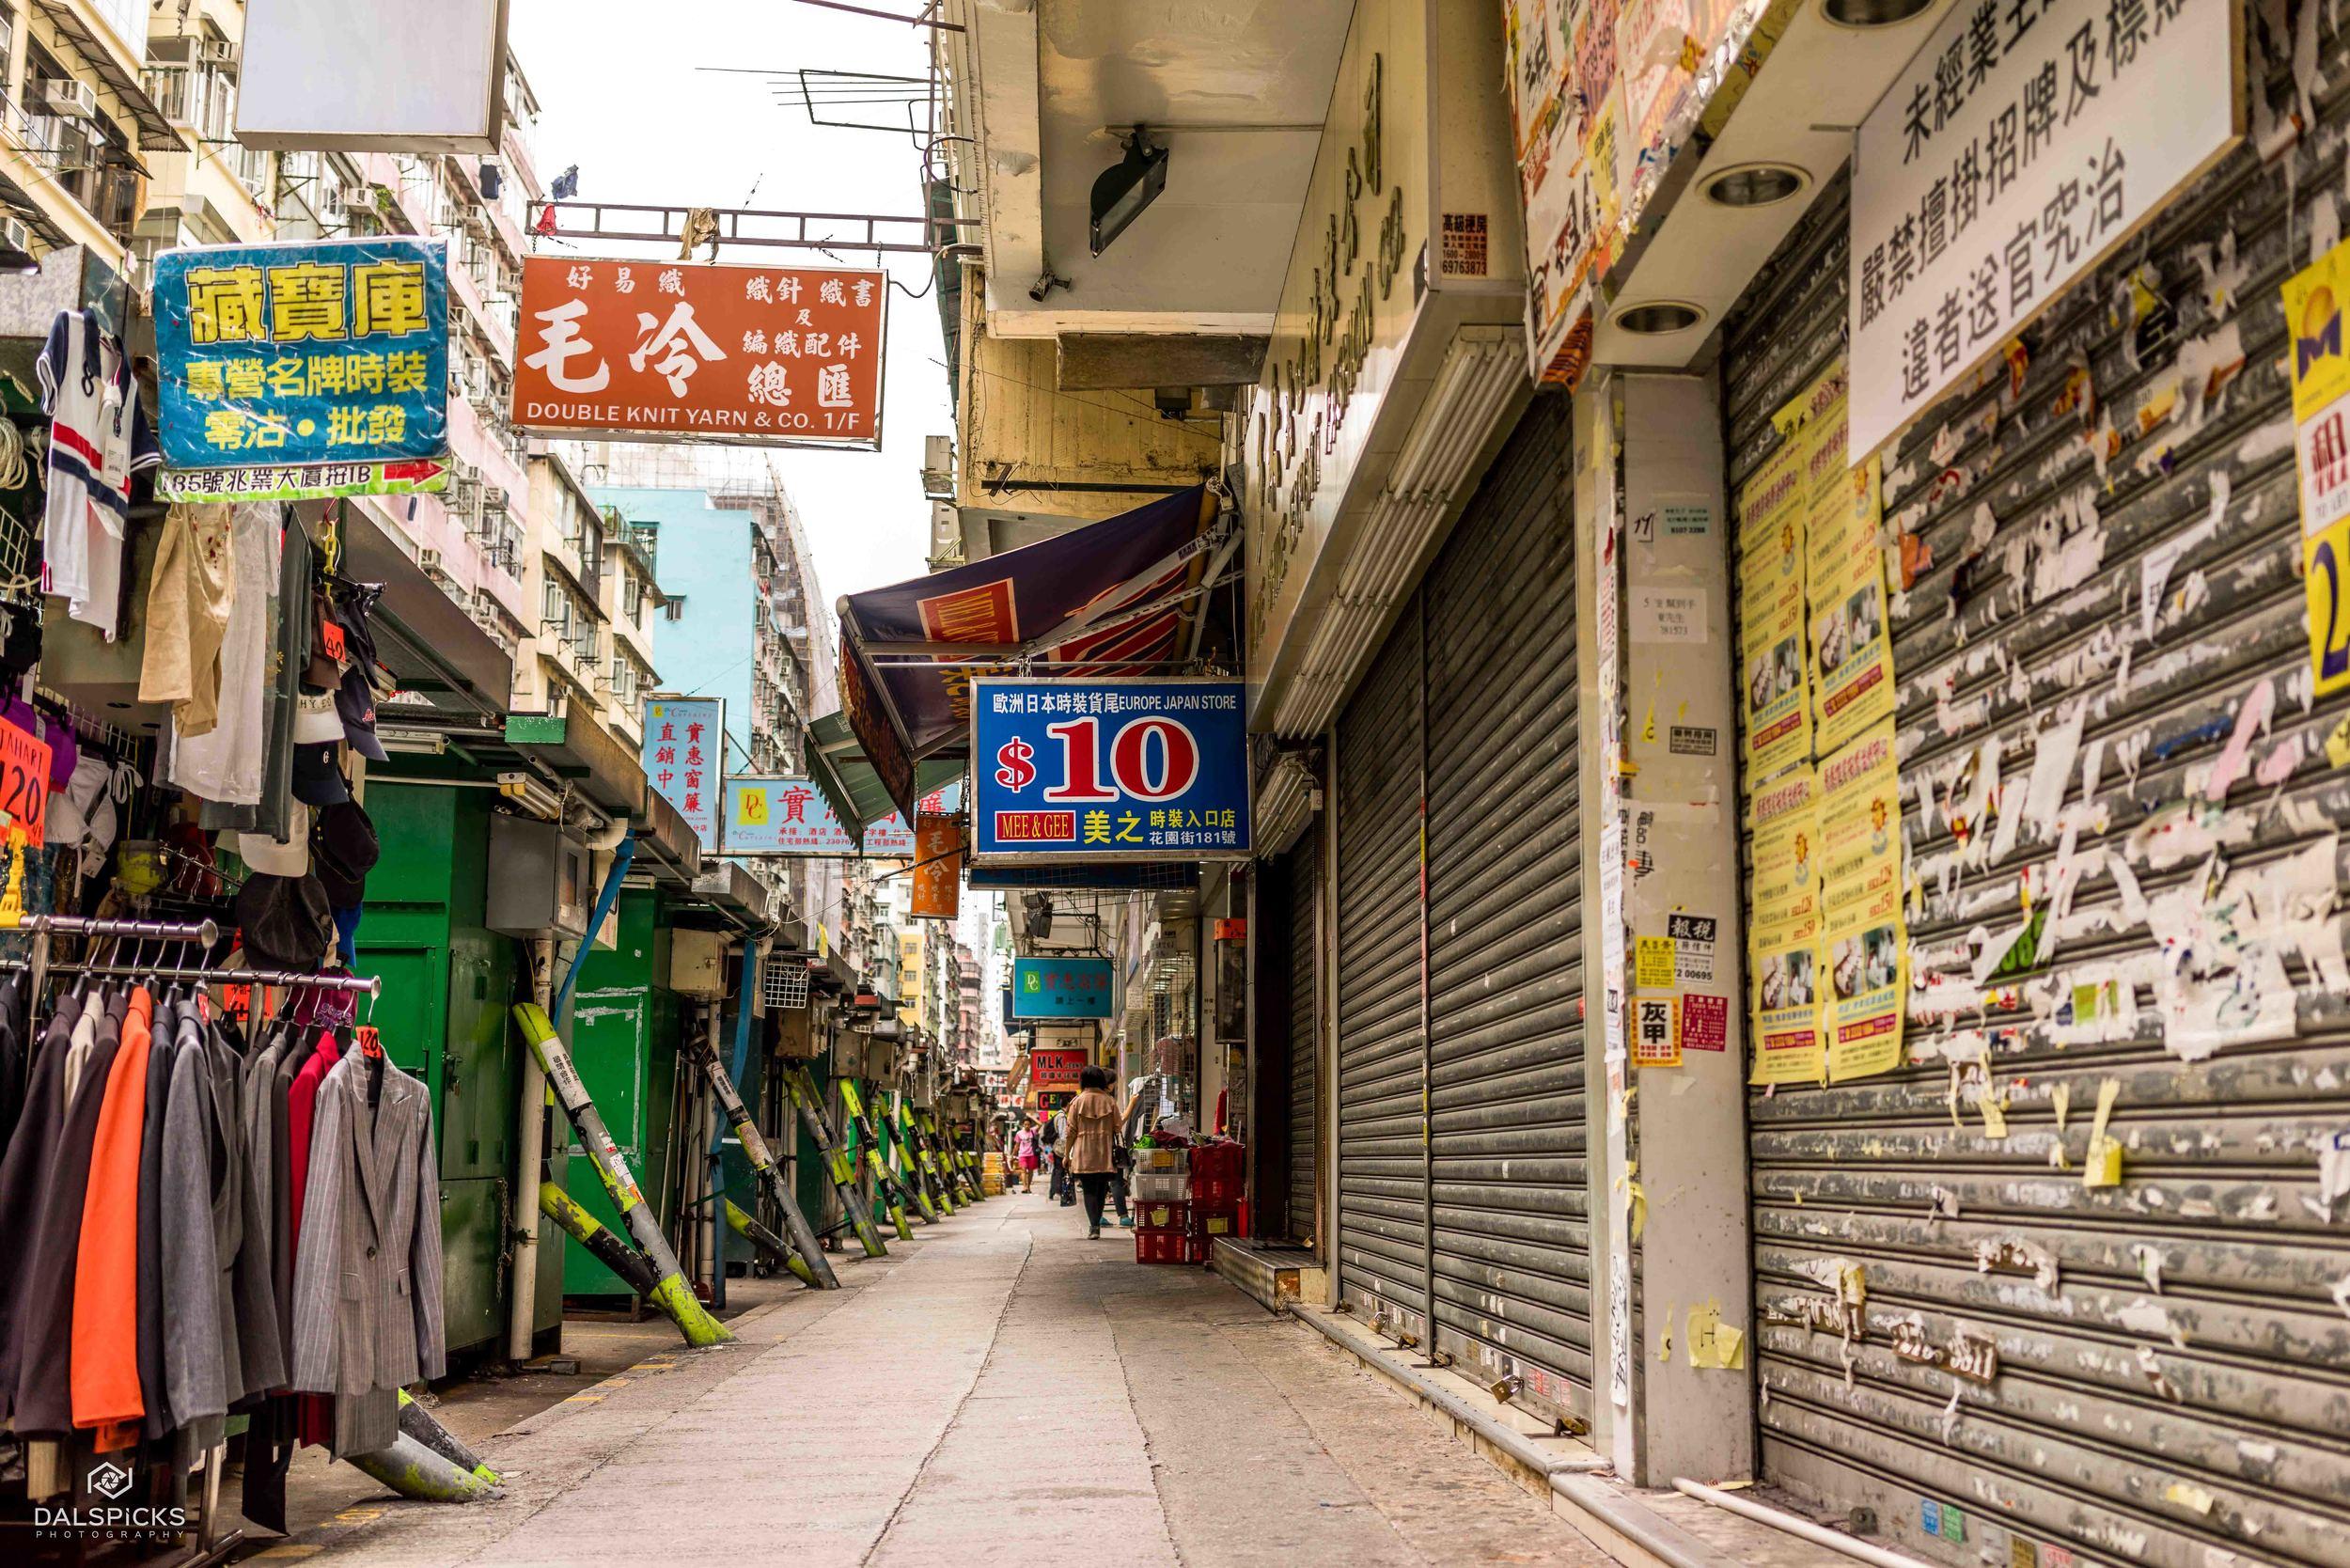 15.05.18.hk_small-5.jpg